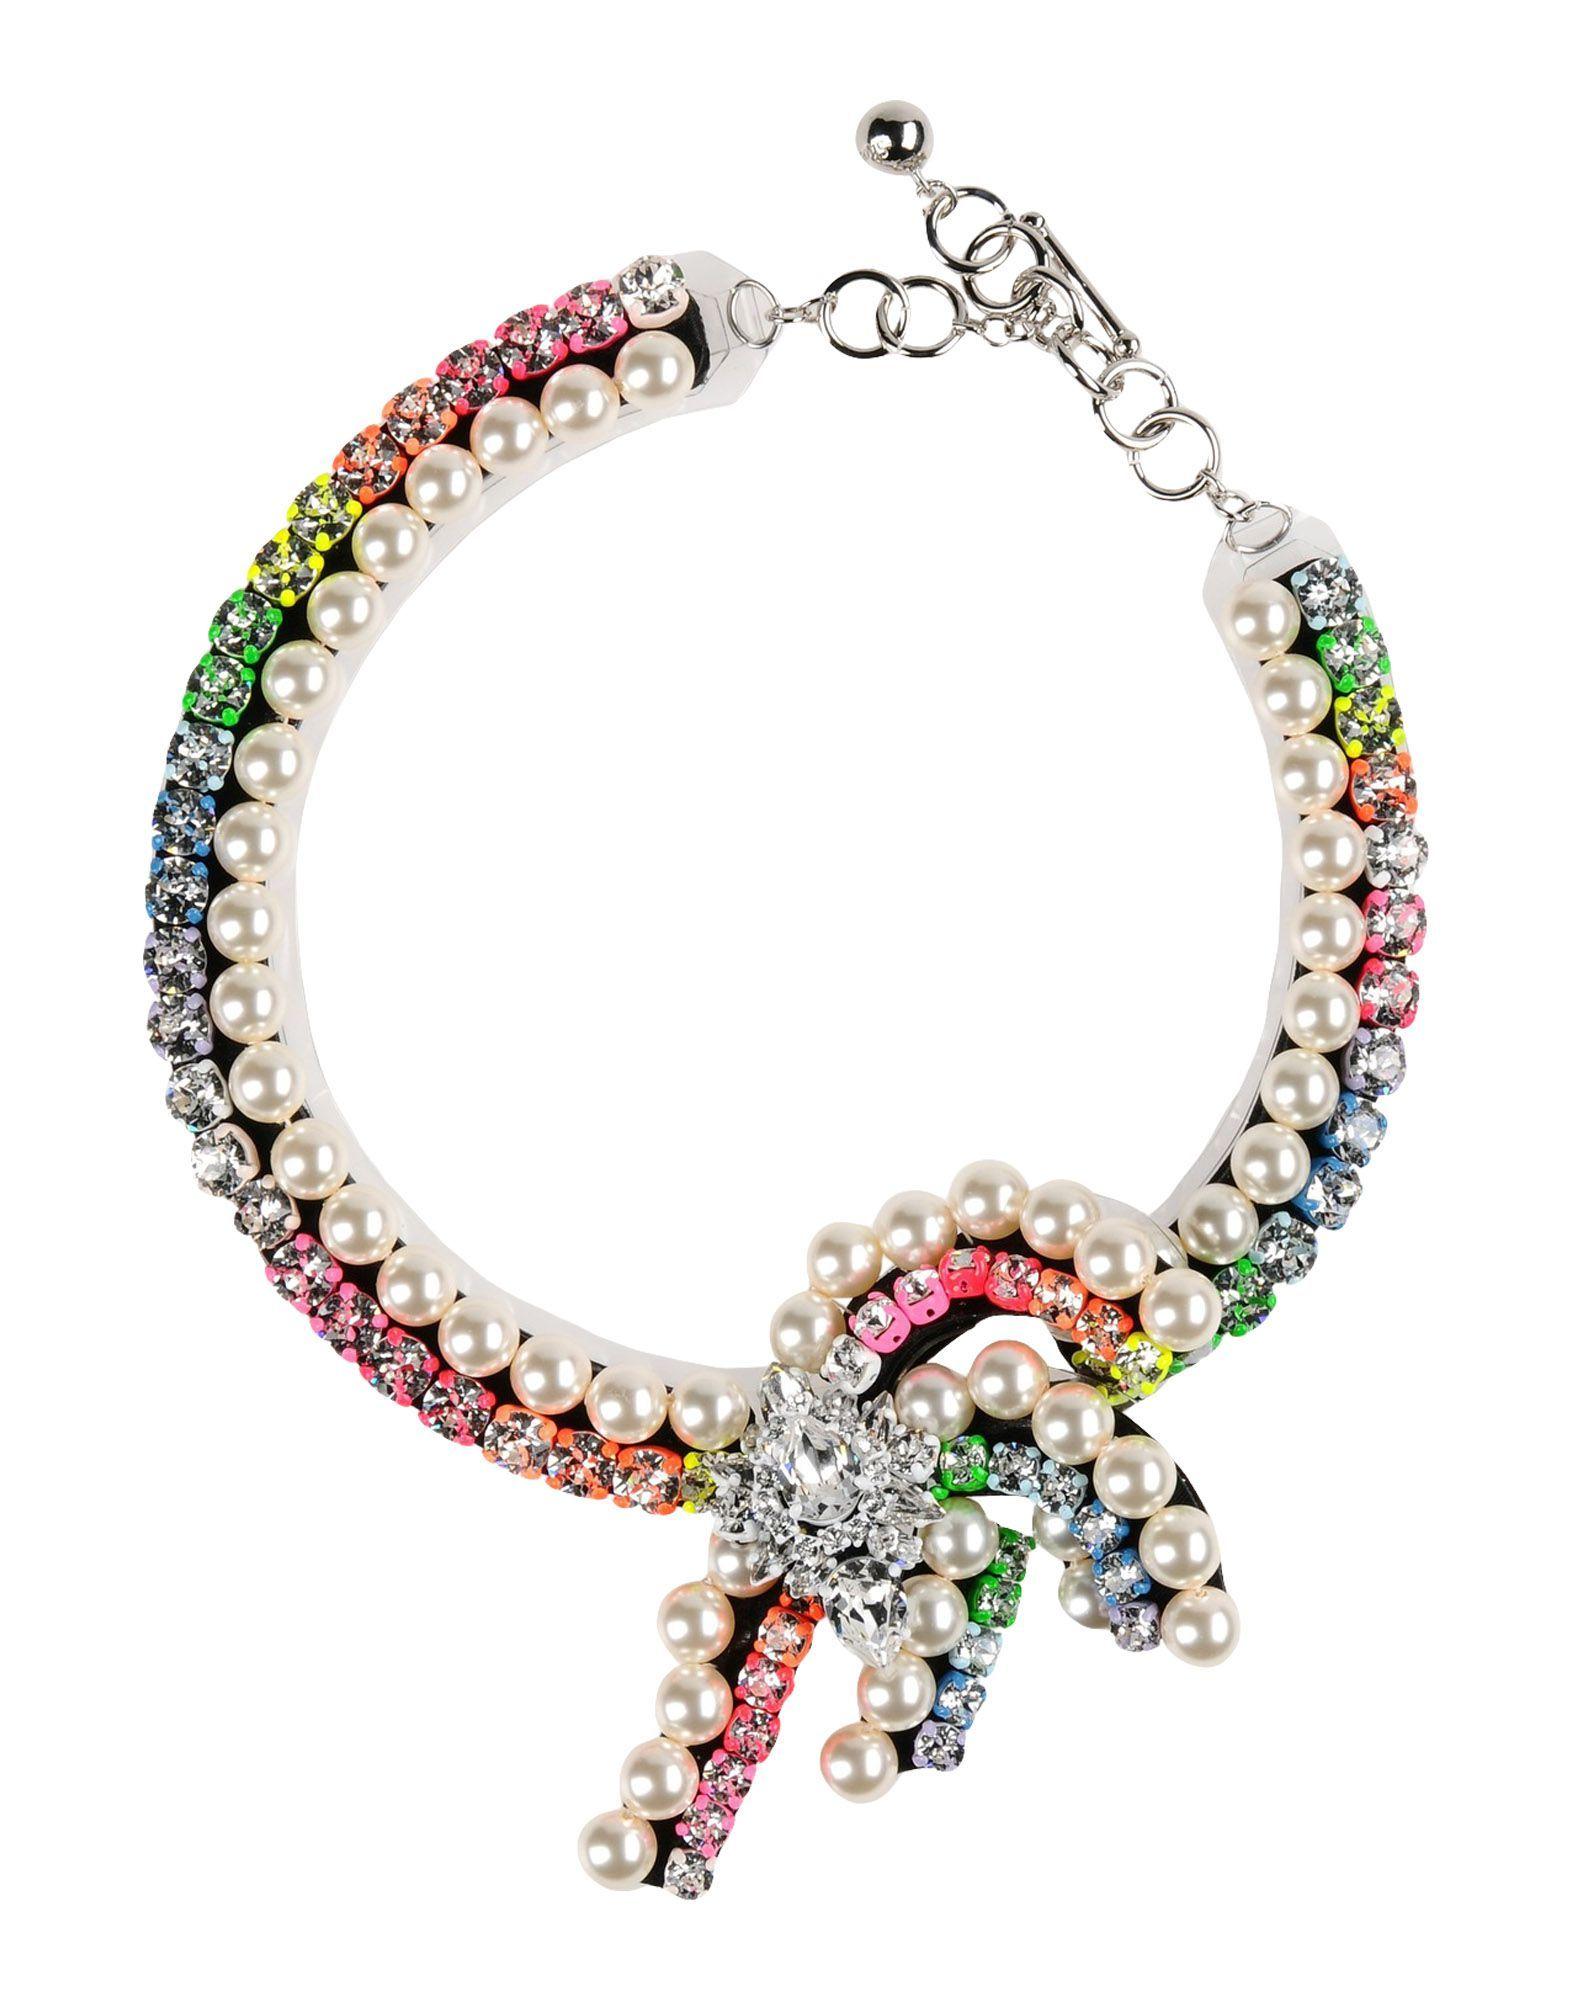 Noir Jewelry JEWELRY - Necklaces su YOOX.COM LSAq7N3bt